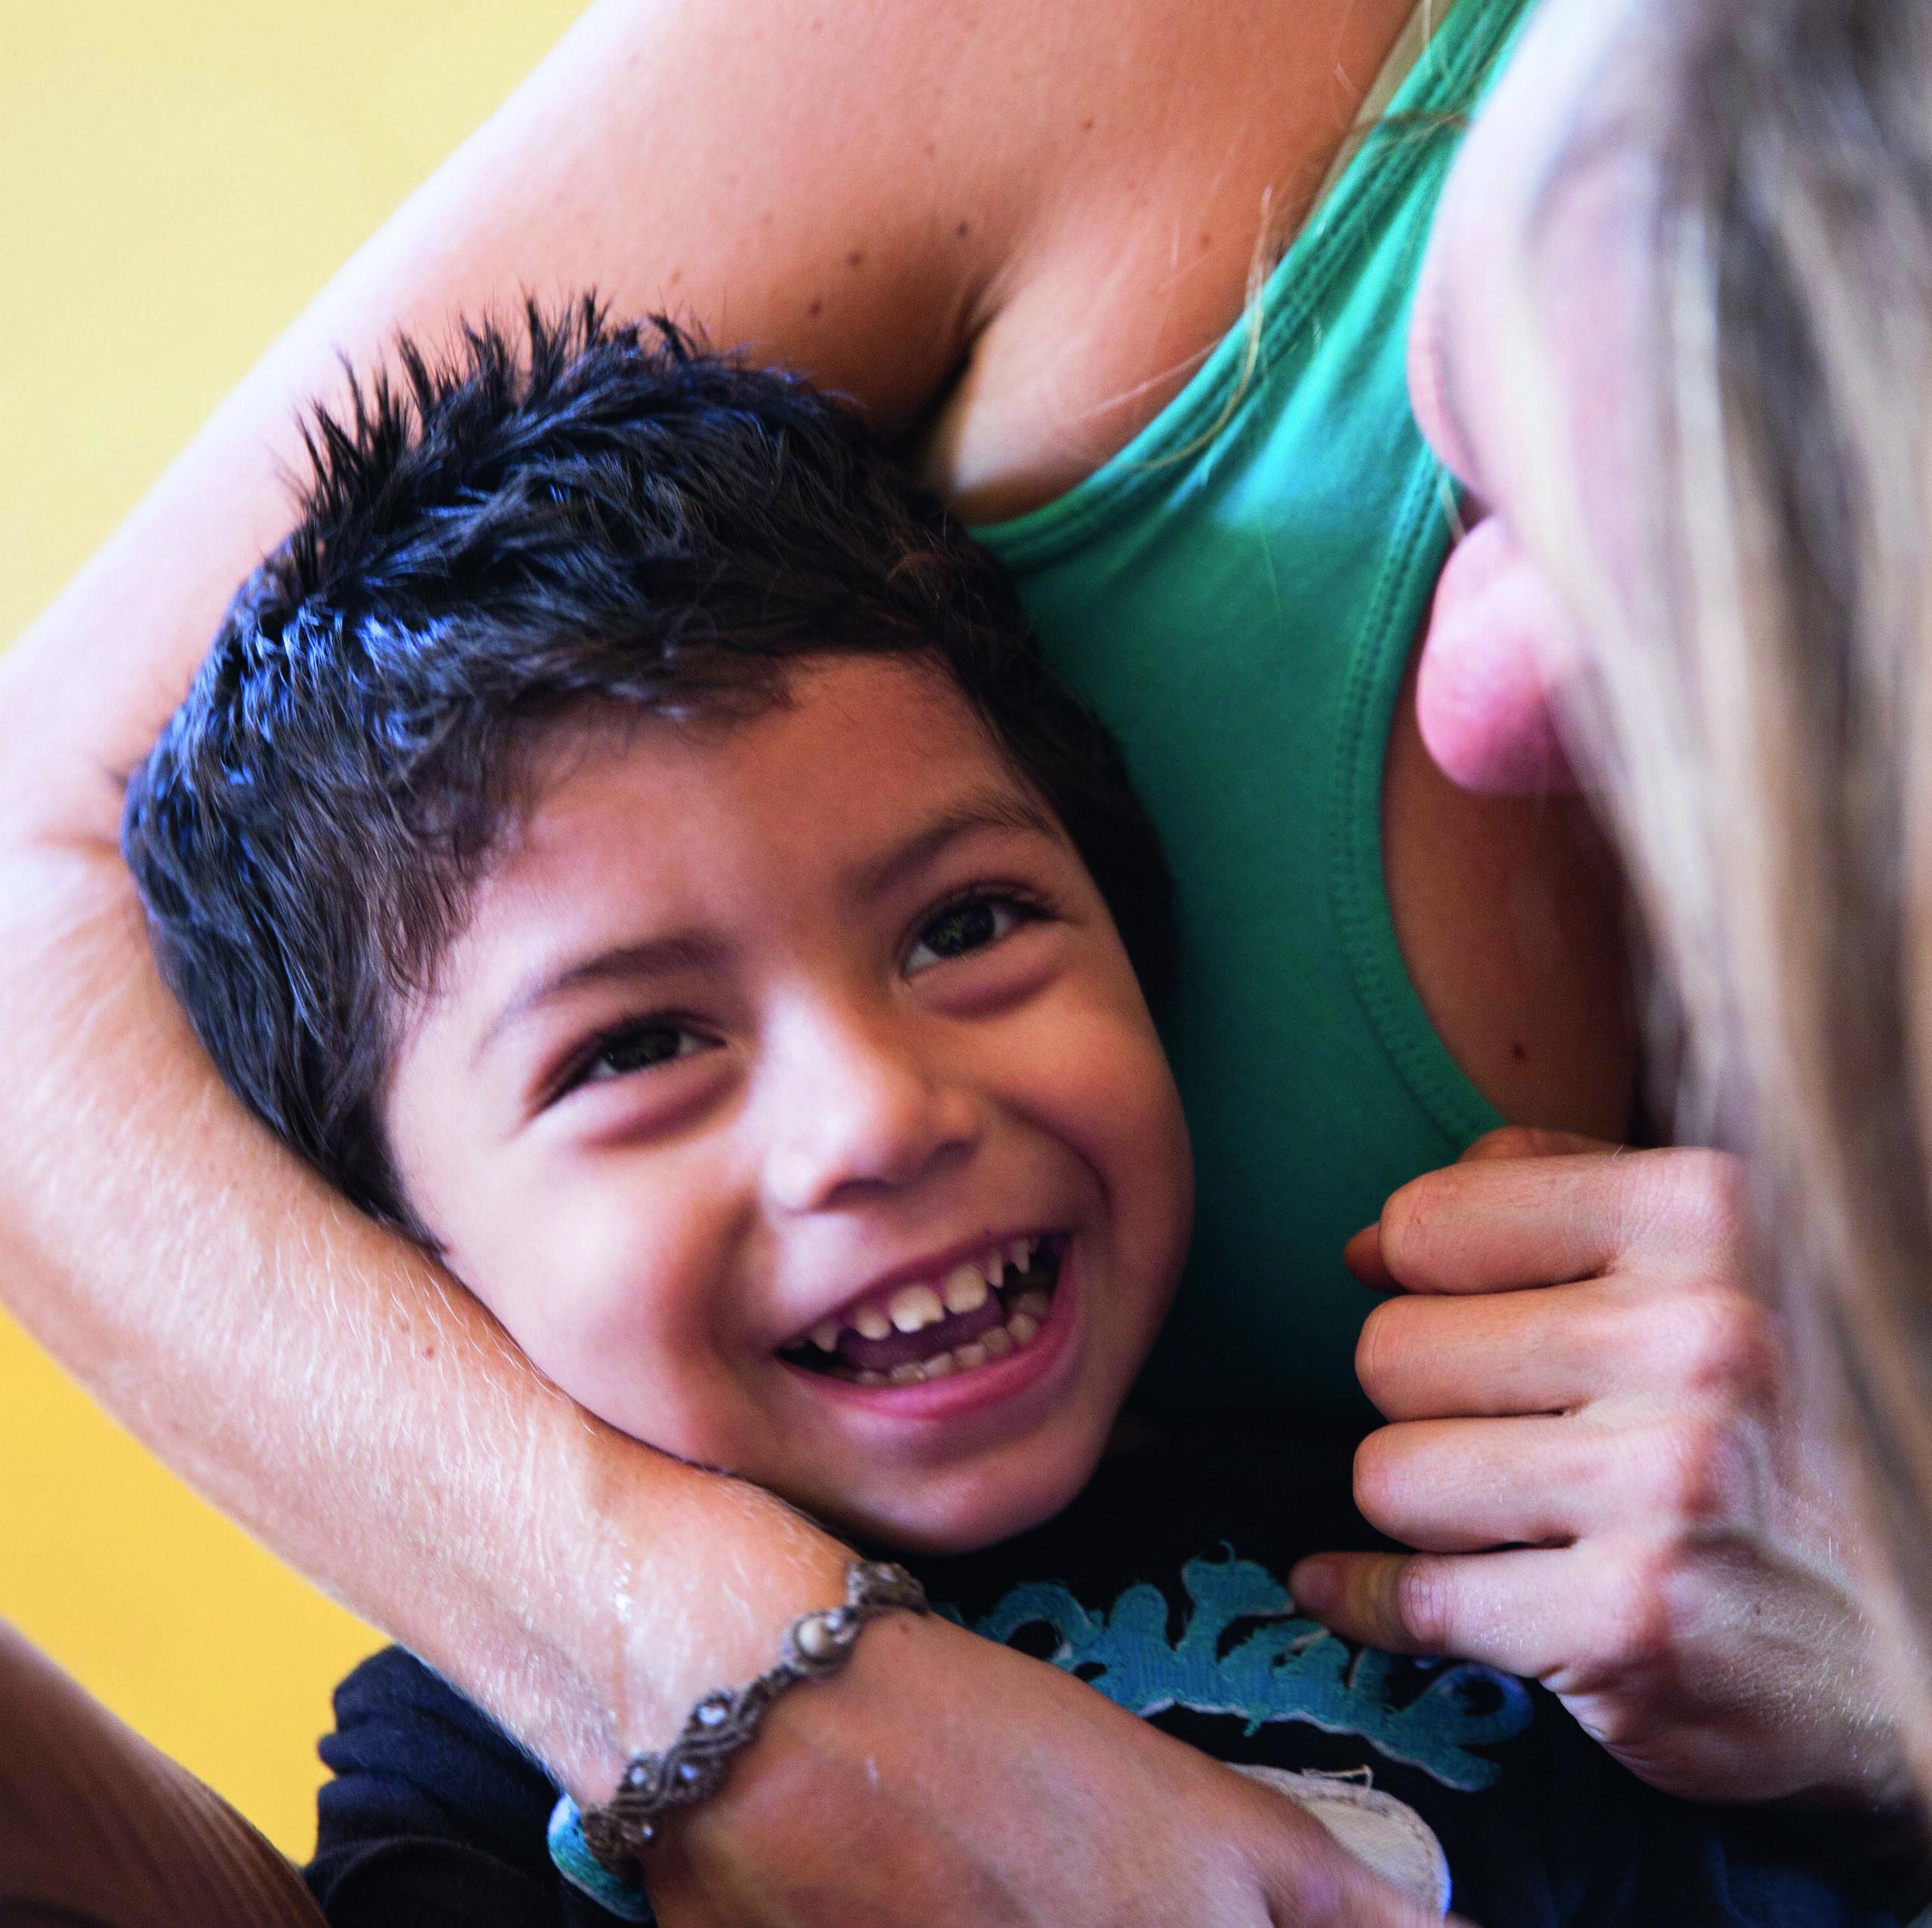 lachender Junge mit Behinderung bei der Therapie